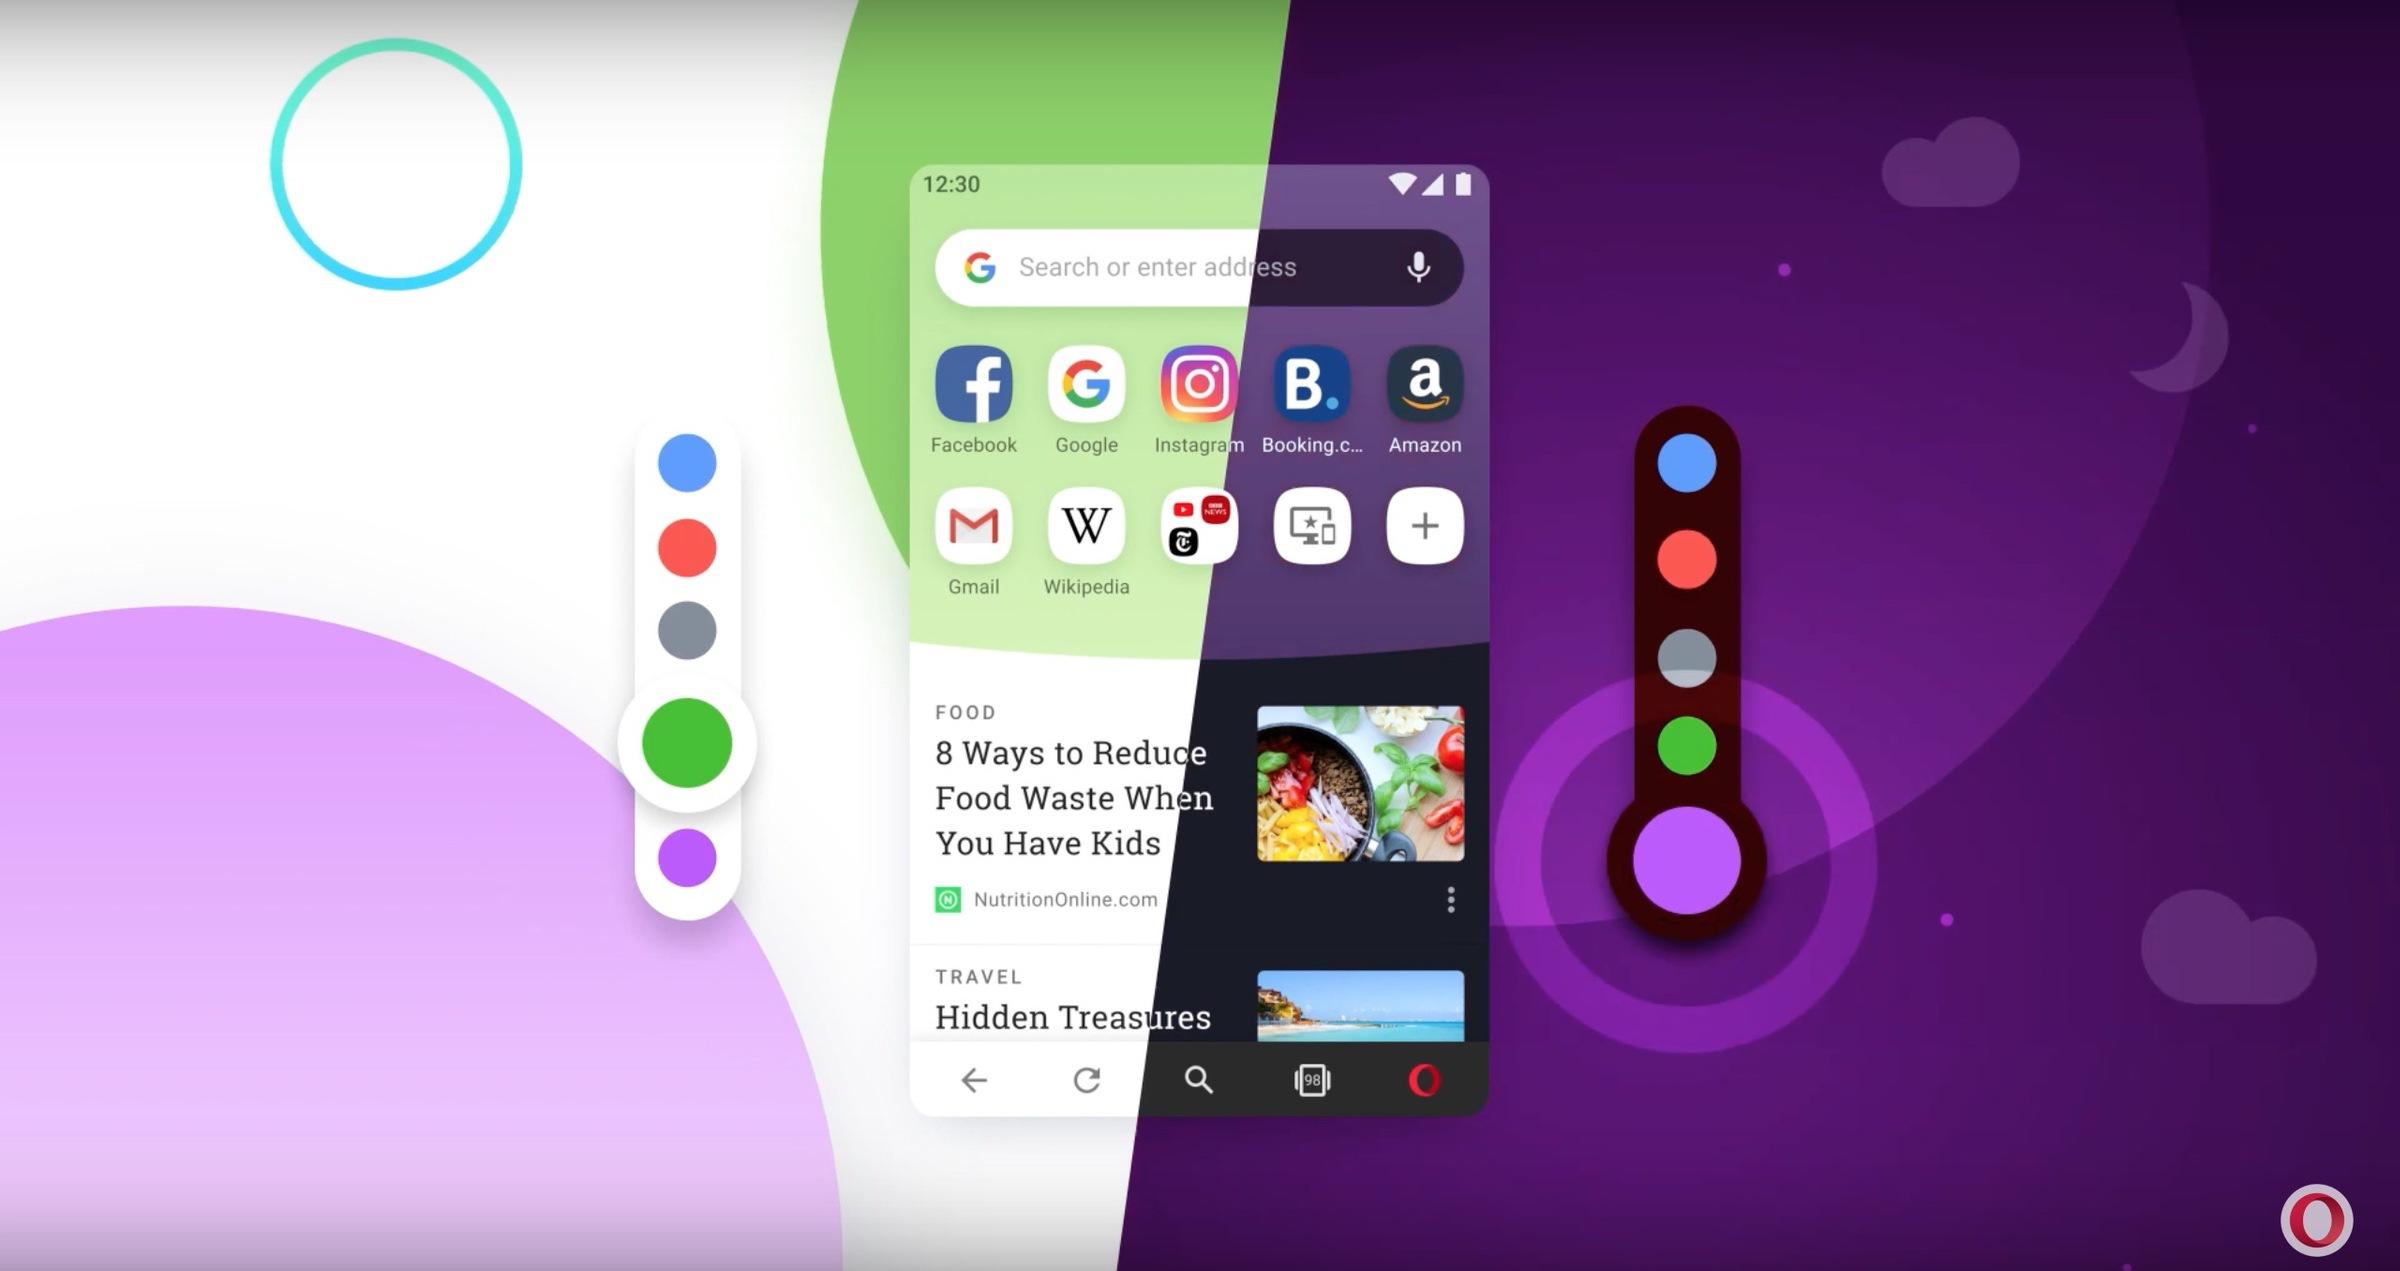 Opera 54 Android: Neues Design und viele neue Funktionen